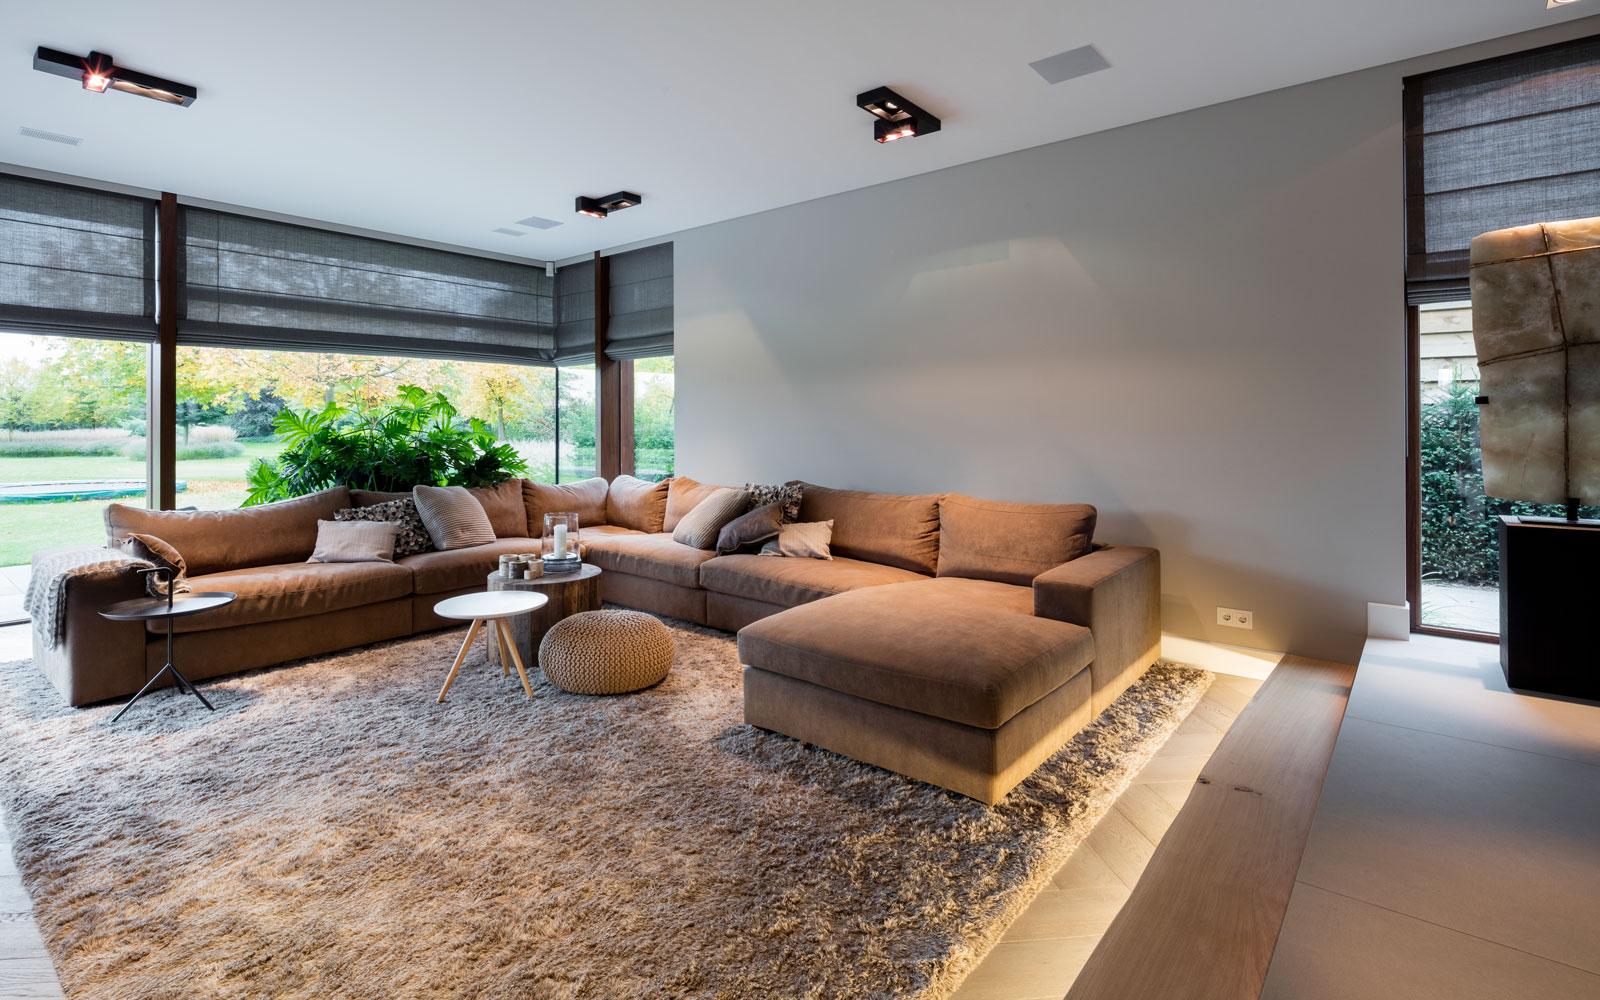 Woonkamer, living, bank, D!zit, tapijt, grote ramen, moderne villa, François Hannes